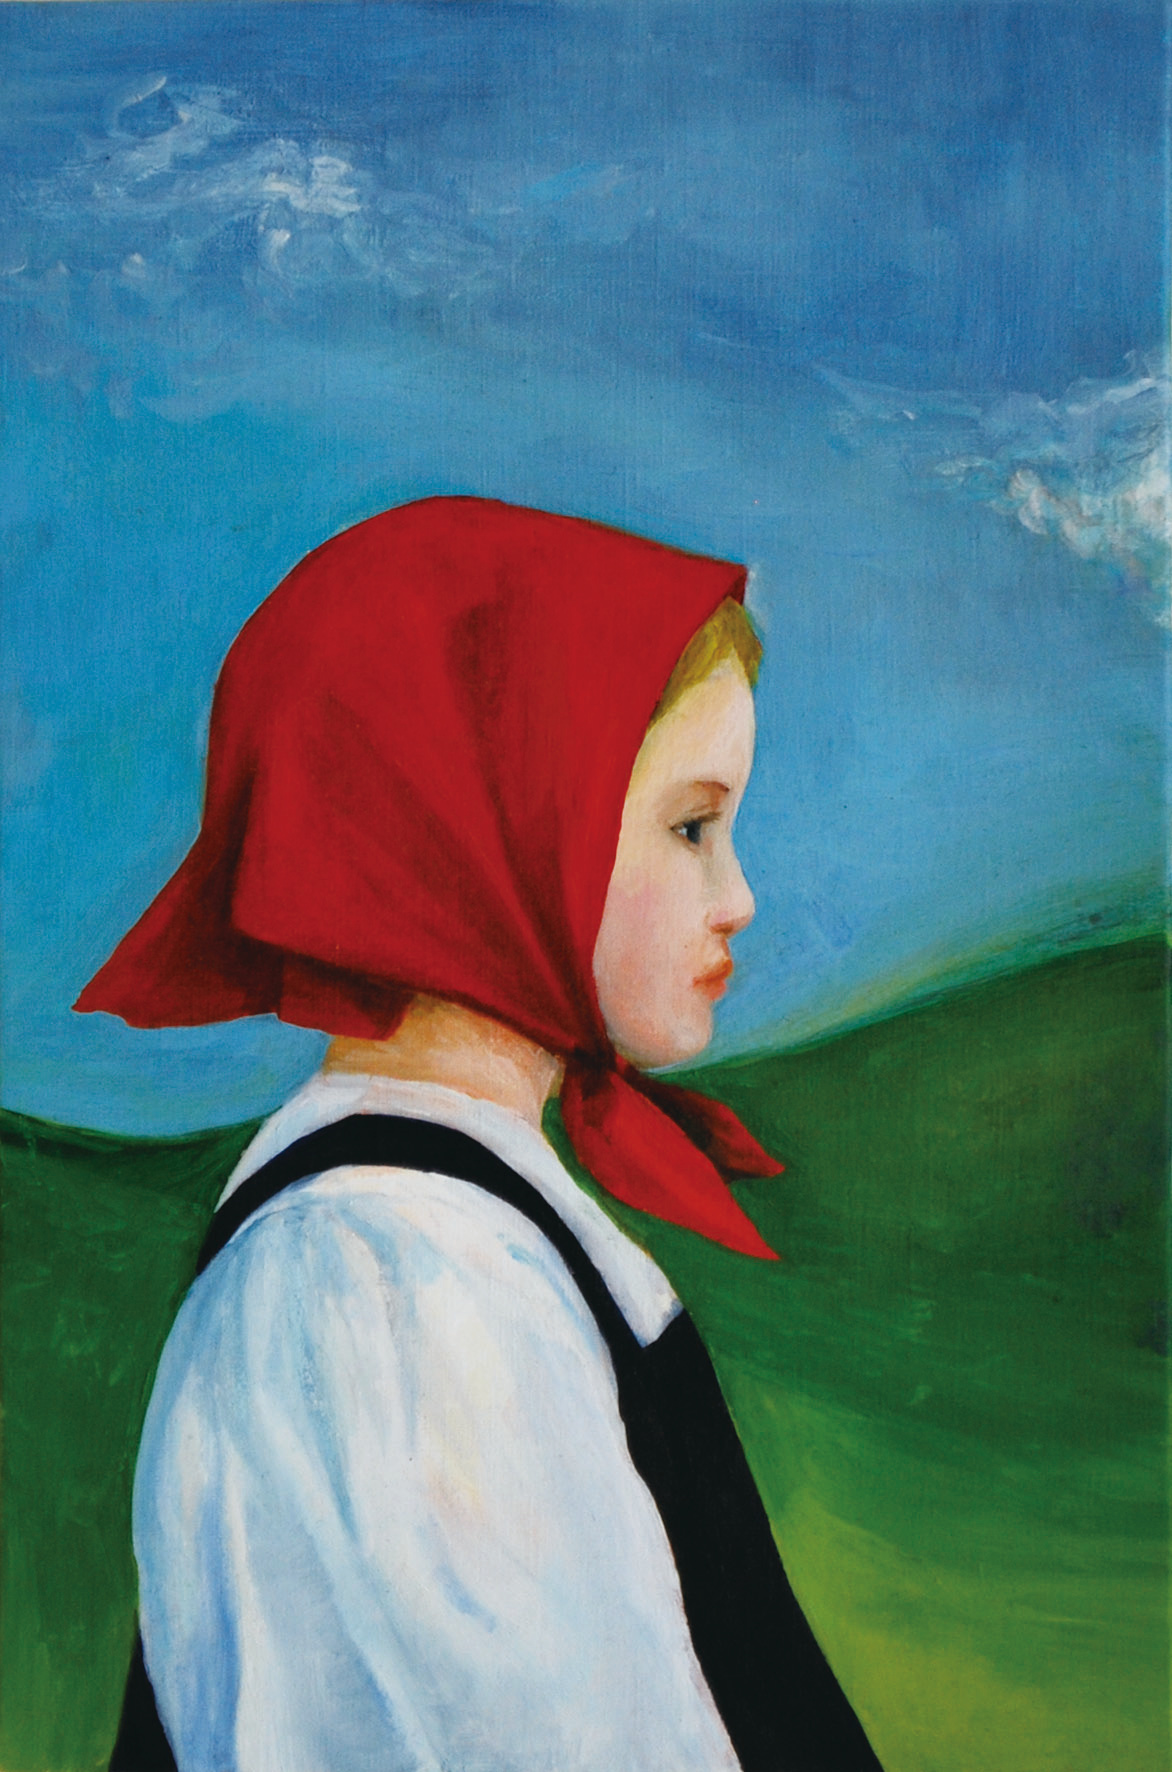 「赤いスカーフの少女」鶴井かな子